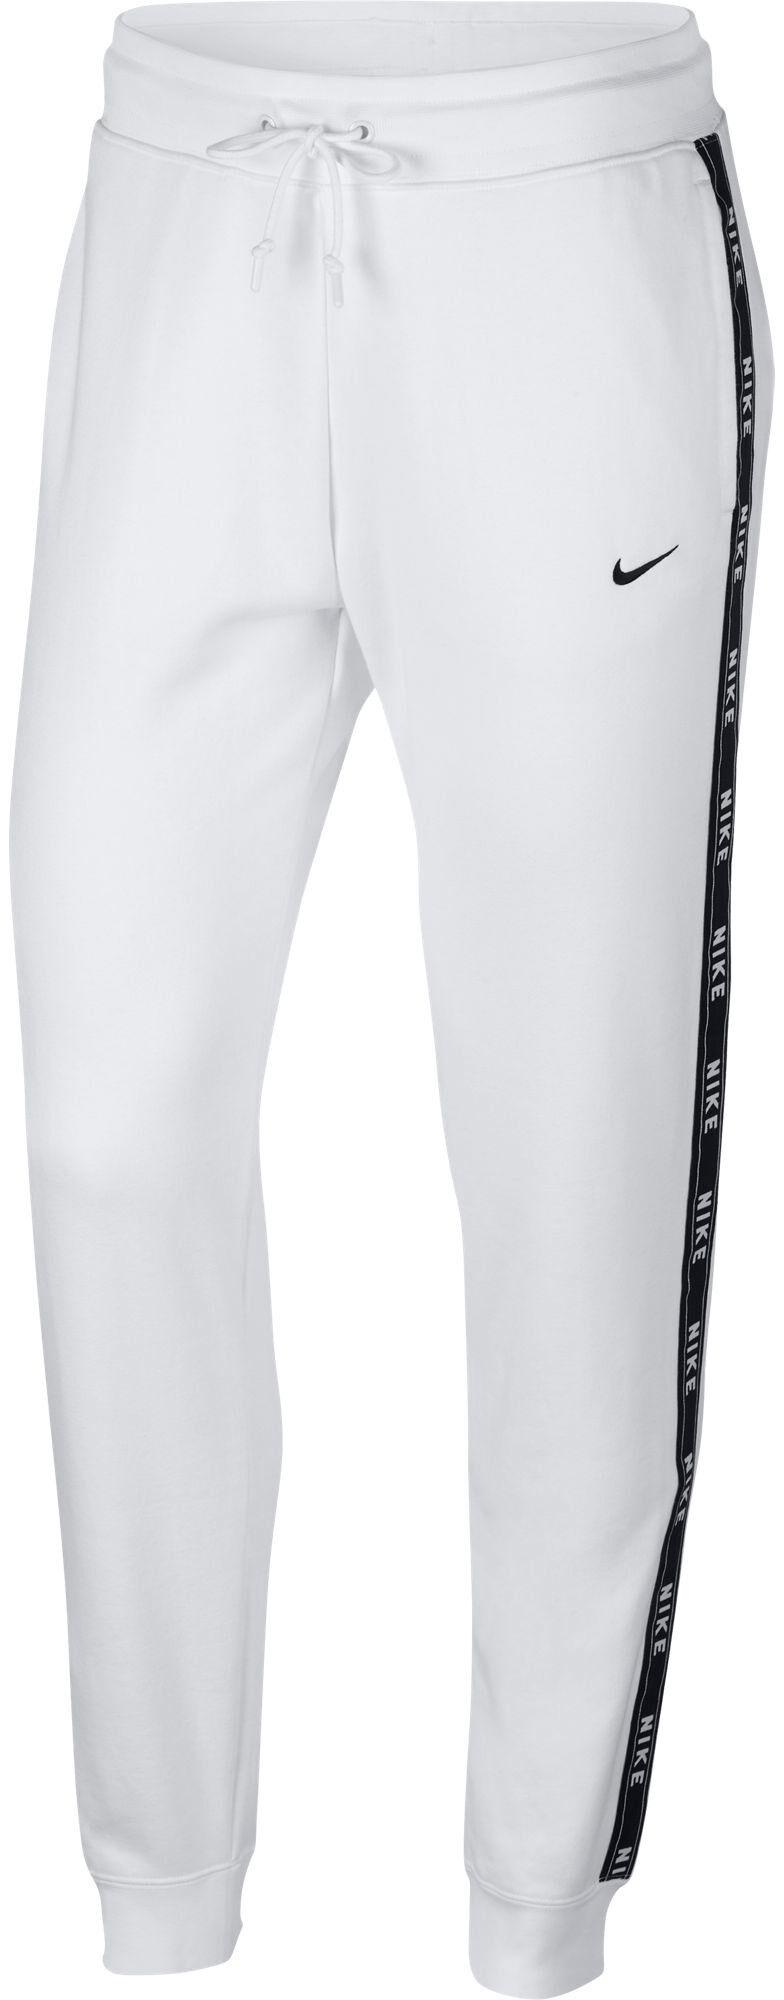 Pantalones Y Mujer Intersport De Deportivas Mallas H8gqwTH